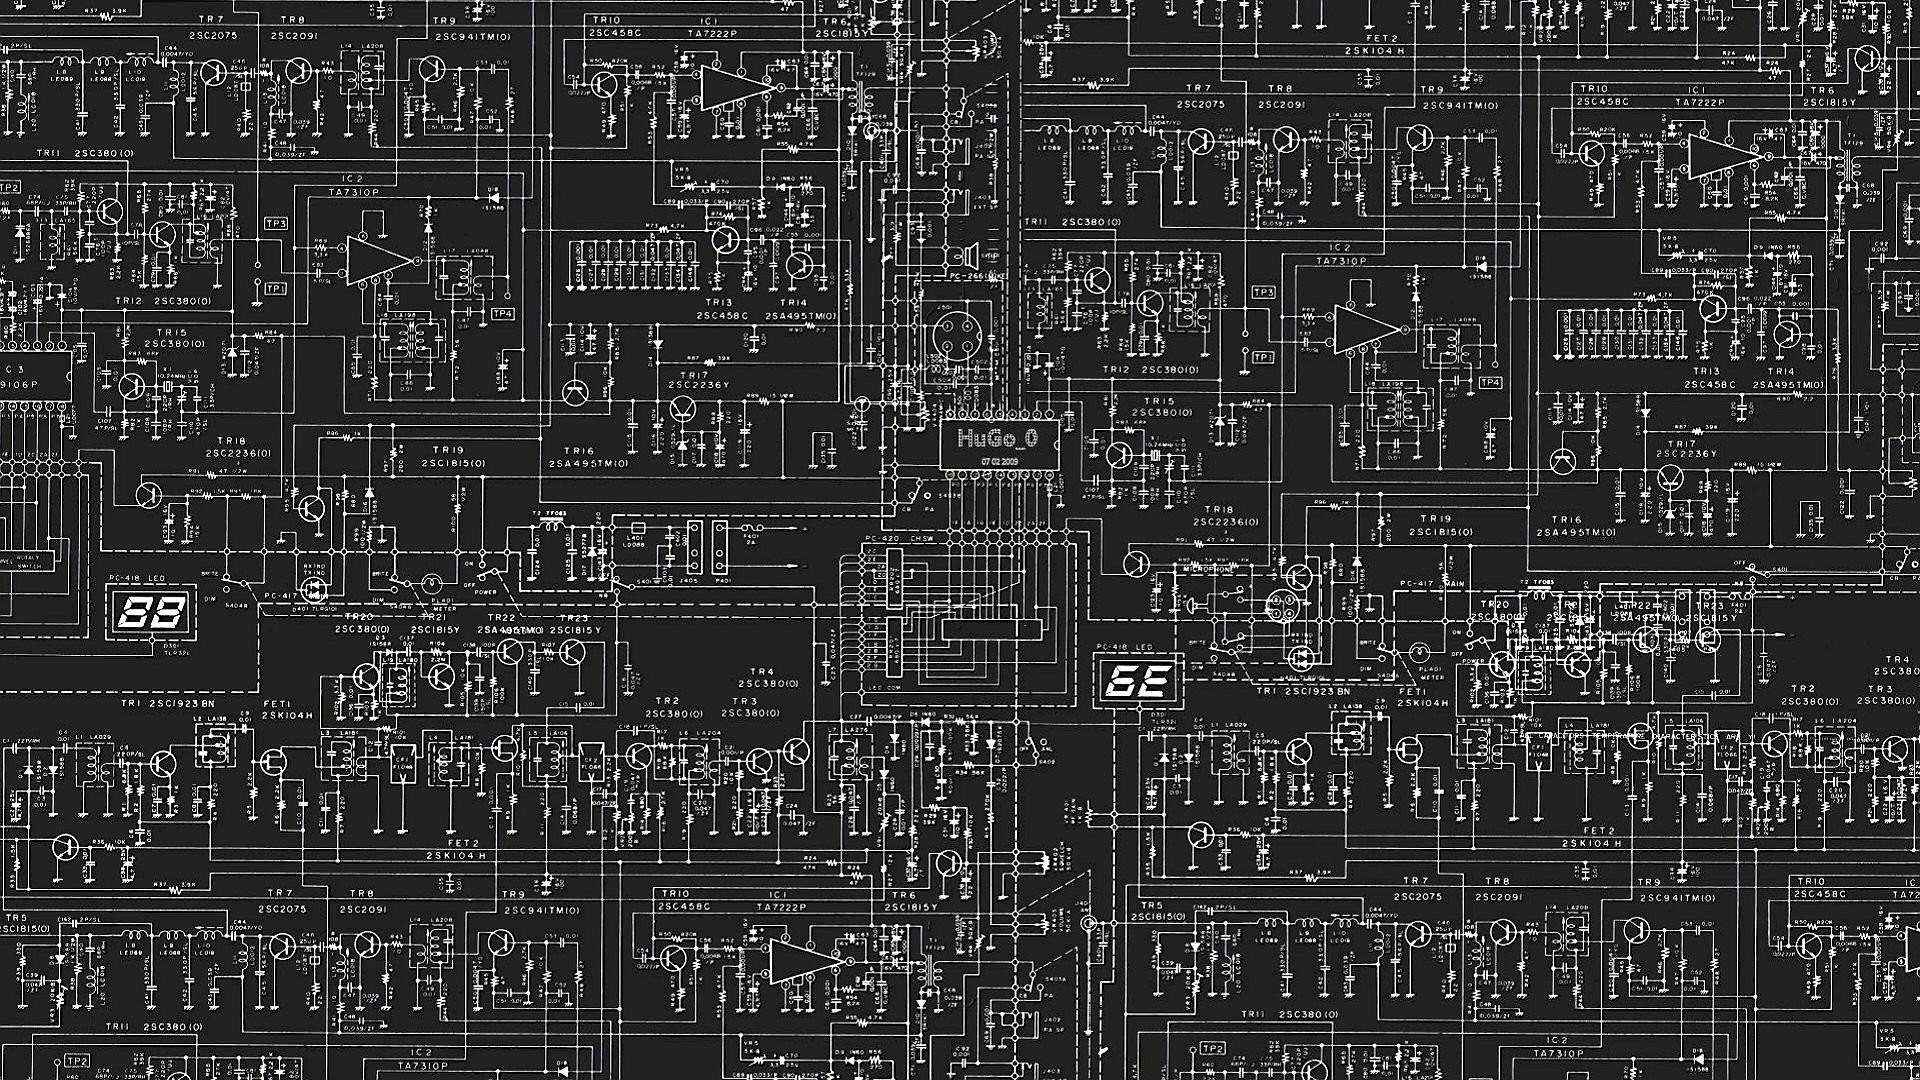 HiTech Wallpapers Desktop Backgrounds HD Pictures and Images | HD Wallpapers  | Pinterest | Wallpaper, Wallpaper desktop and Desktop backgrounds